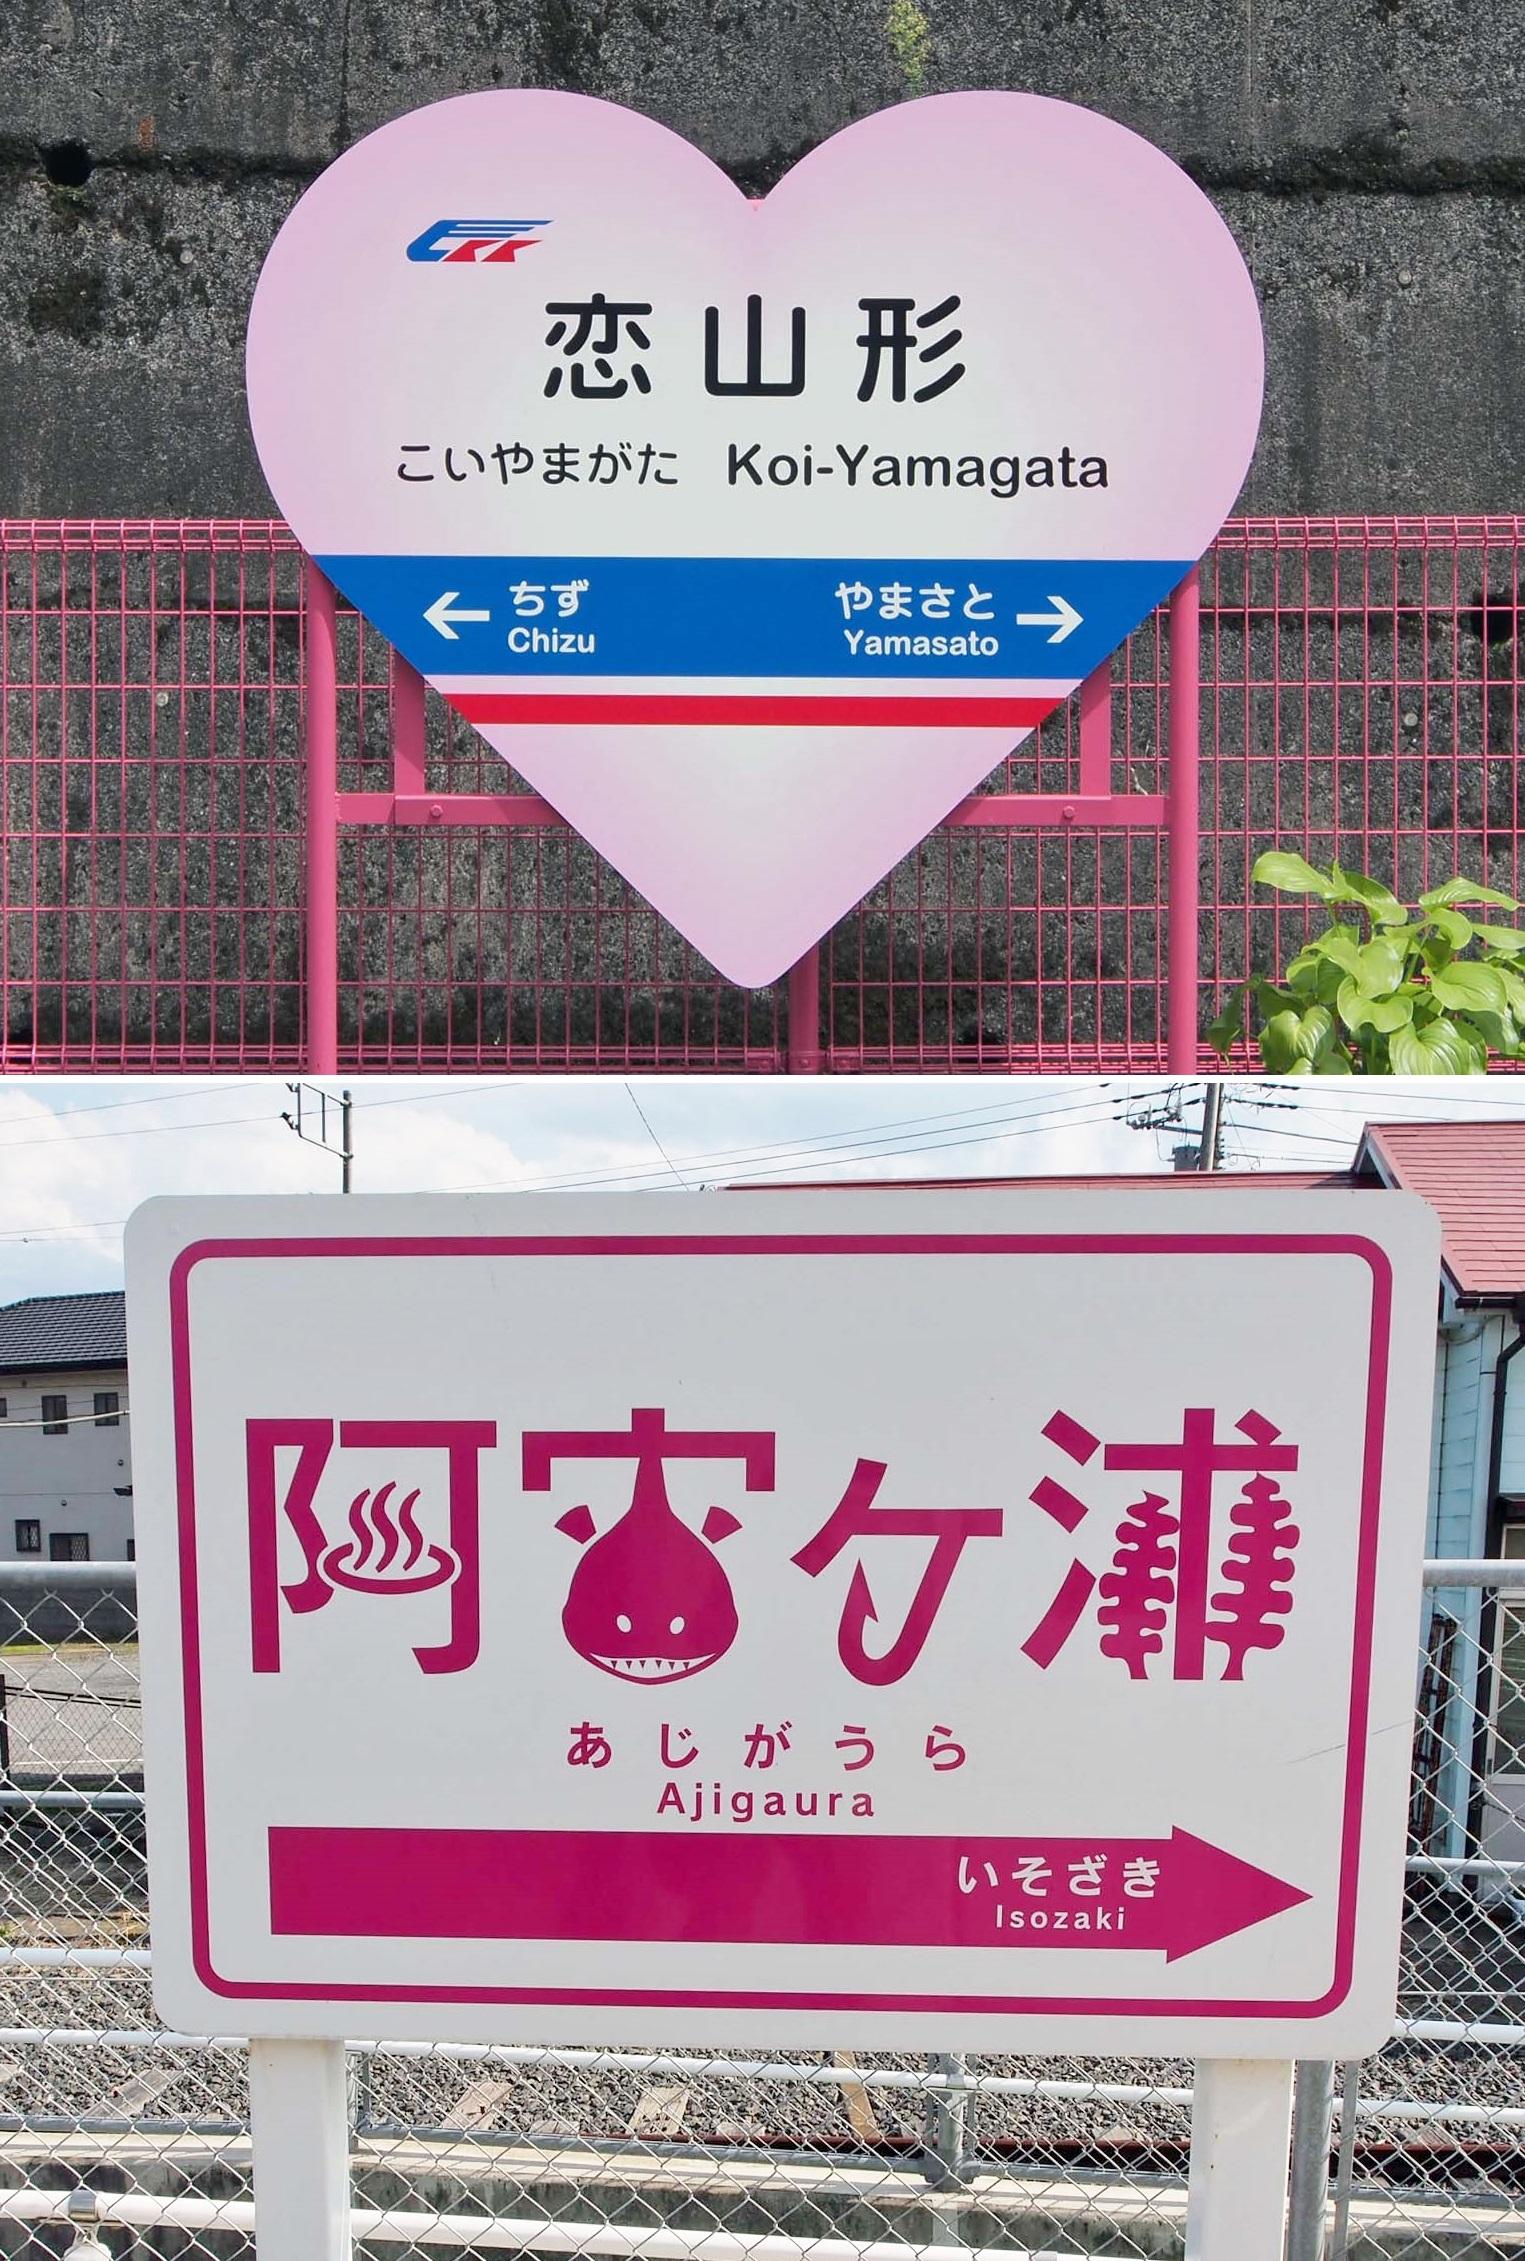 (上)恋山形駅、(下)阿字ケ浦駅